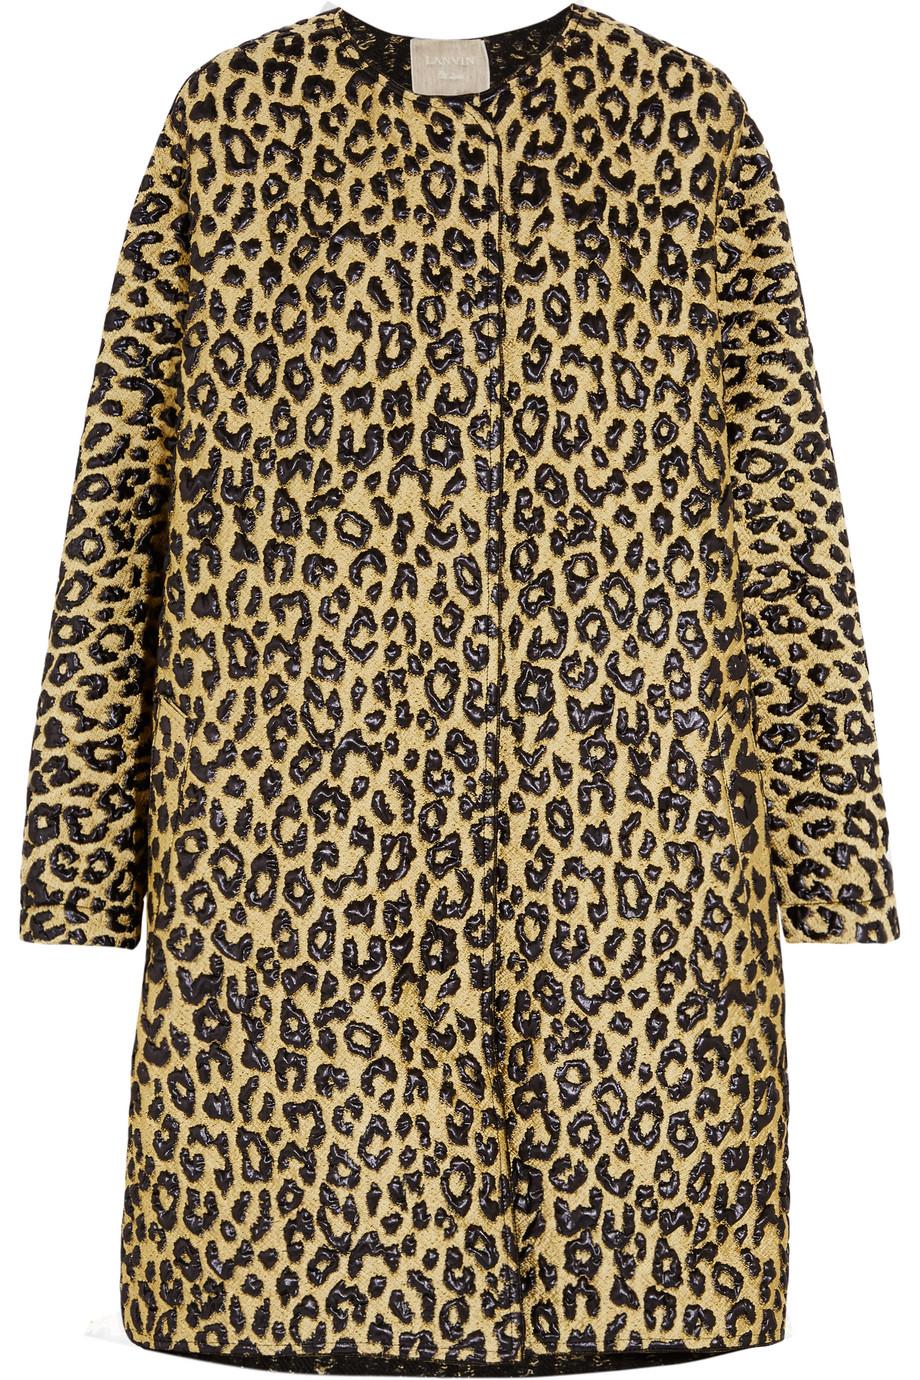 Lanvin Leopard-Matelassé Coat, Leopard Print/Brown, Women's, Size: 34